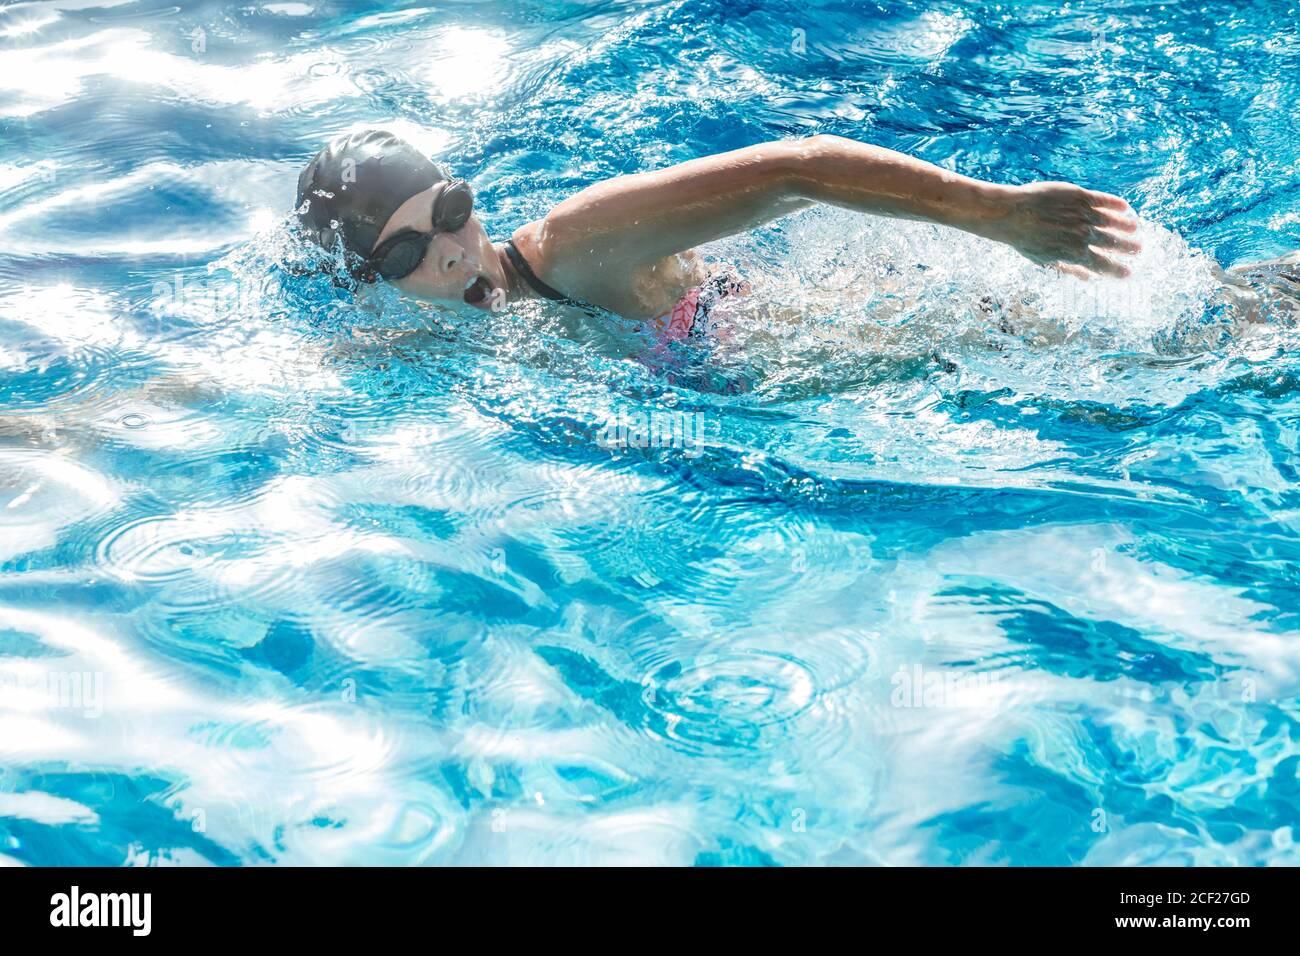 Mujer con gorro de baño y gafas nadando en una piscina. Foto de stock